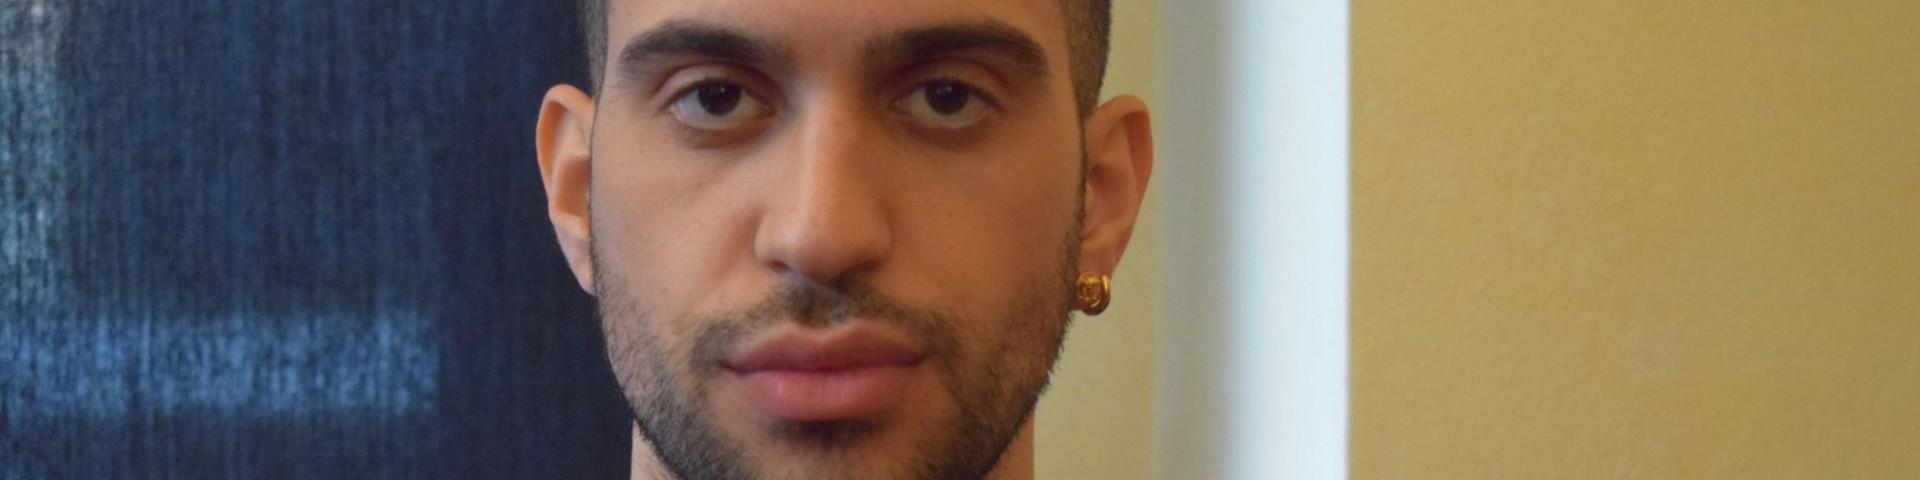 """Mahmood: """"Ecco cosa penso delle parodie e cover di 'Soldi'"""" - Video"""